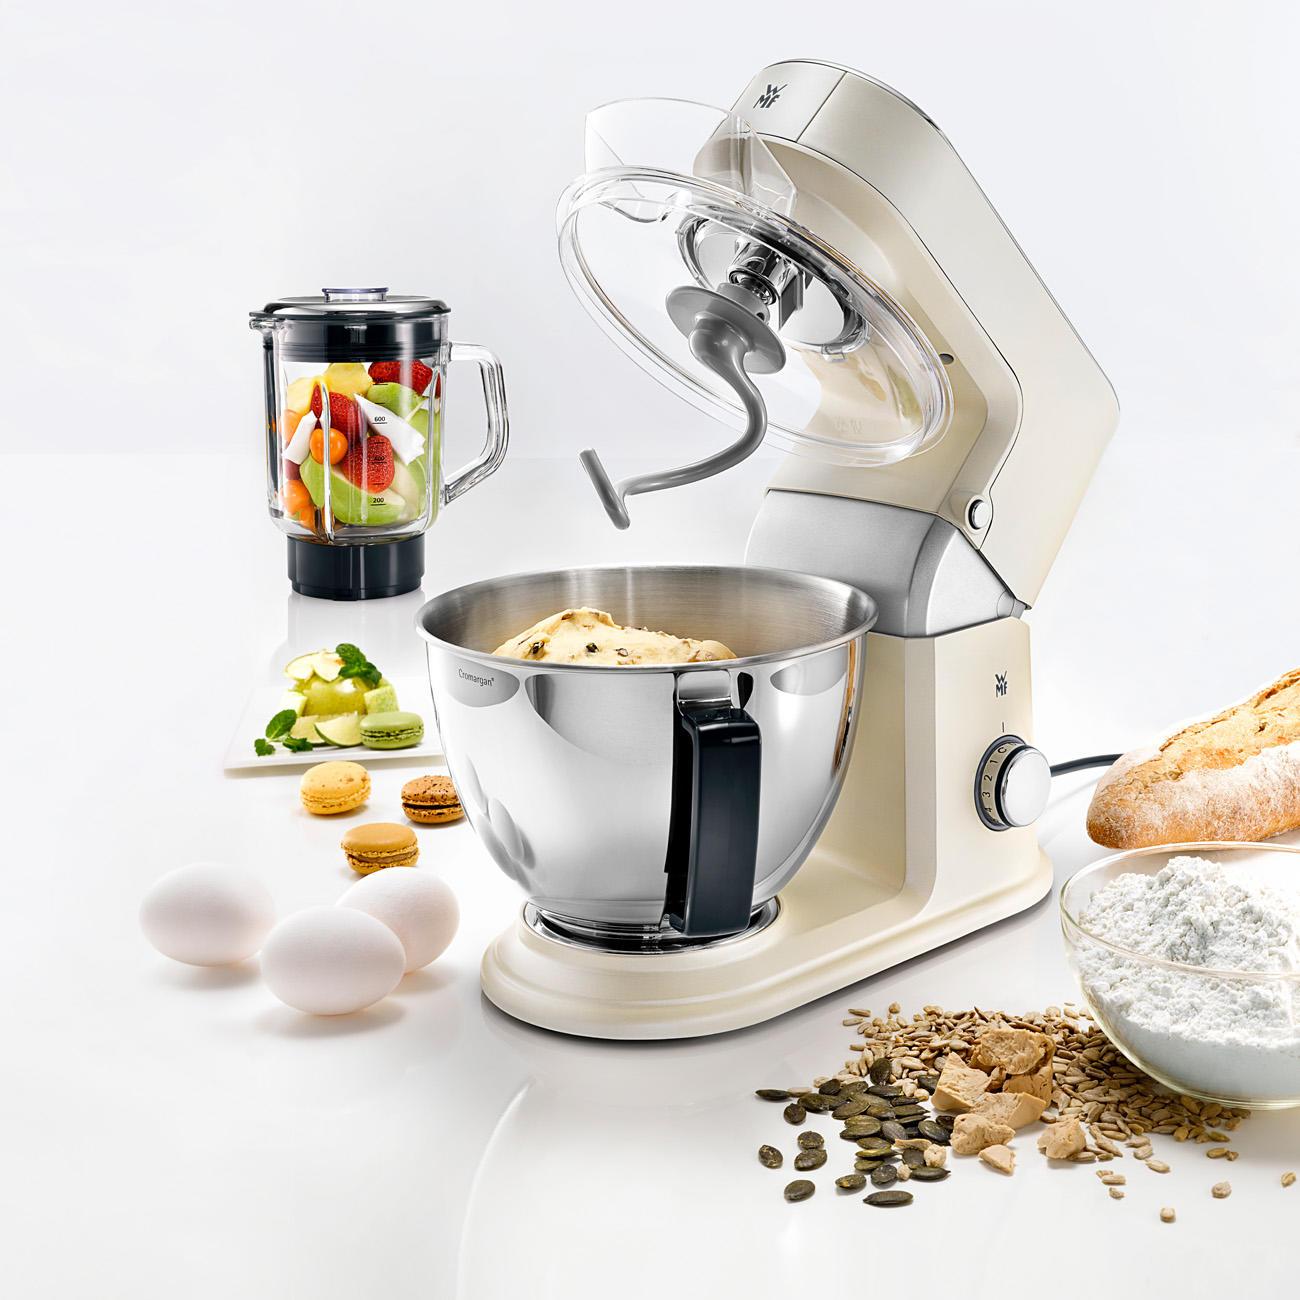 Acheter robot m nager wmf k chenminis en ligne pas cher for Appareil menager cuisine